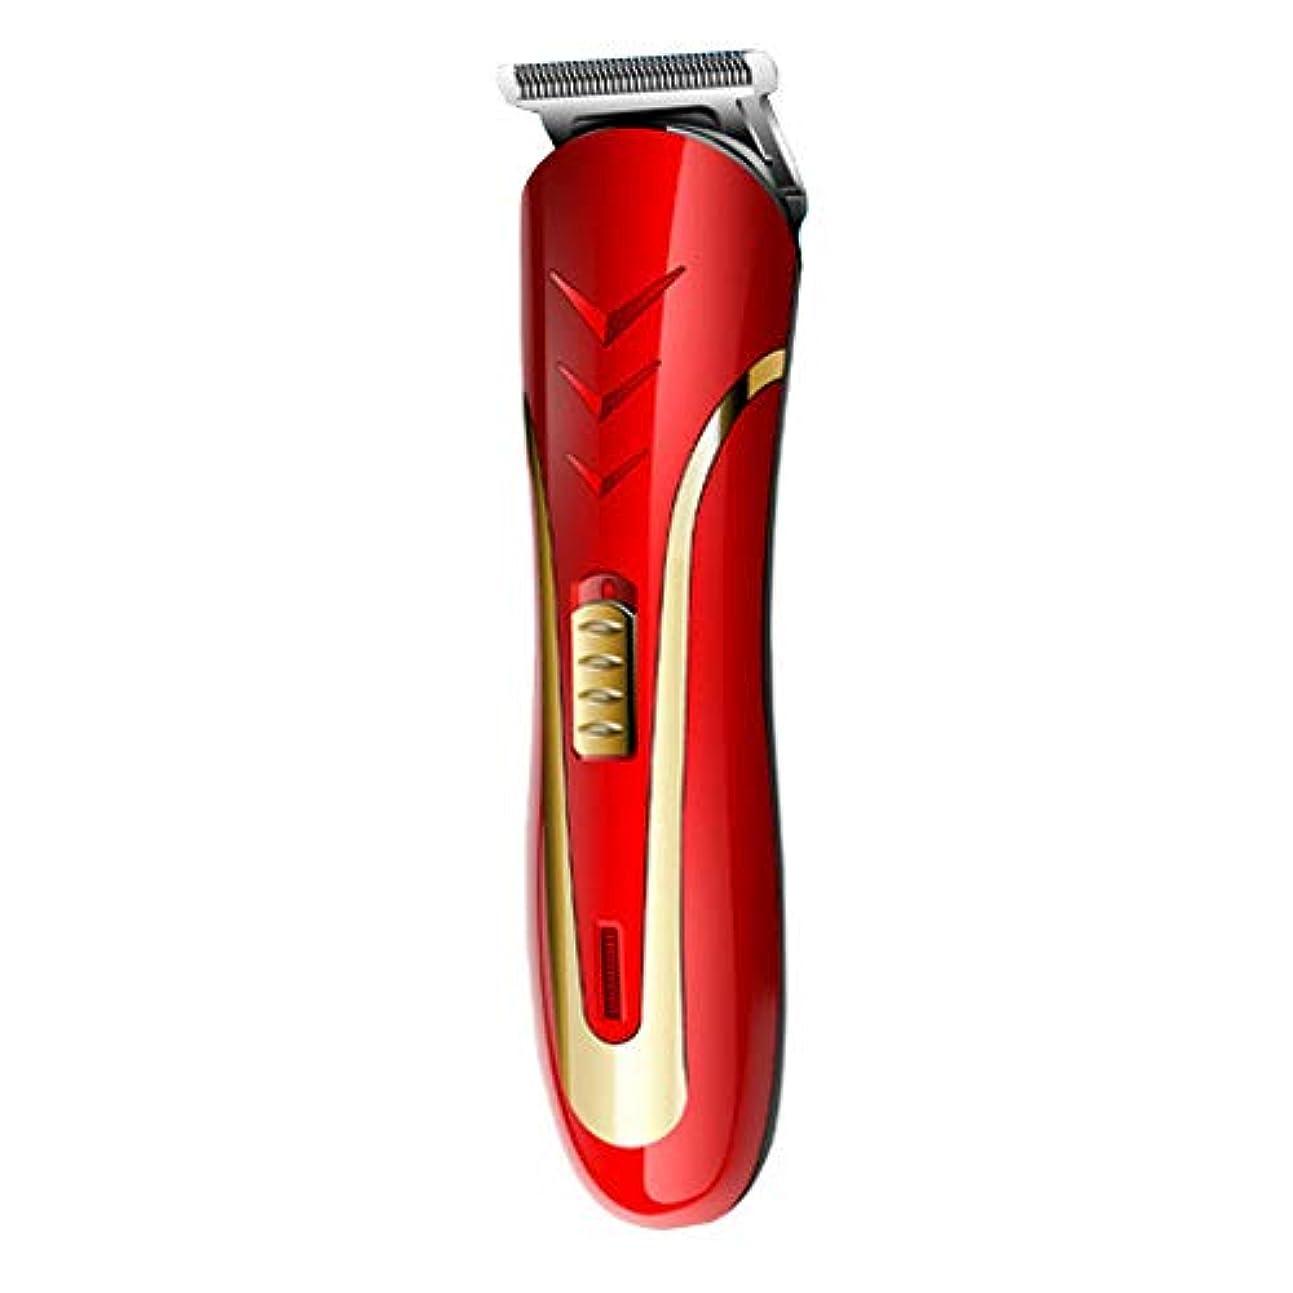 倍率スーパーQINJLI 電気バリカン、シェービング、脱毛、電気のフェーダー、充電式ライト、制限くし 15.7 * 4.1 cm